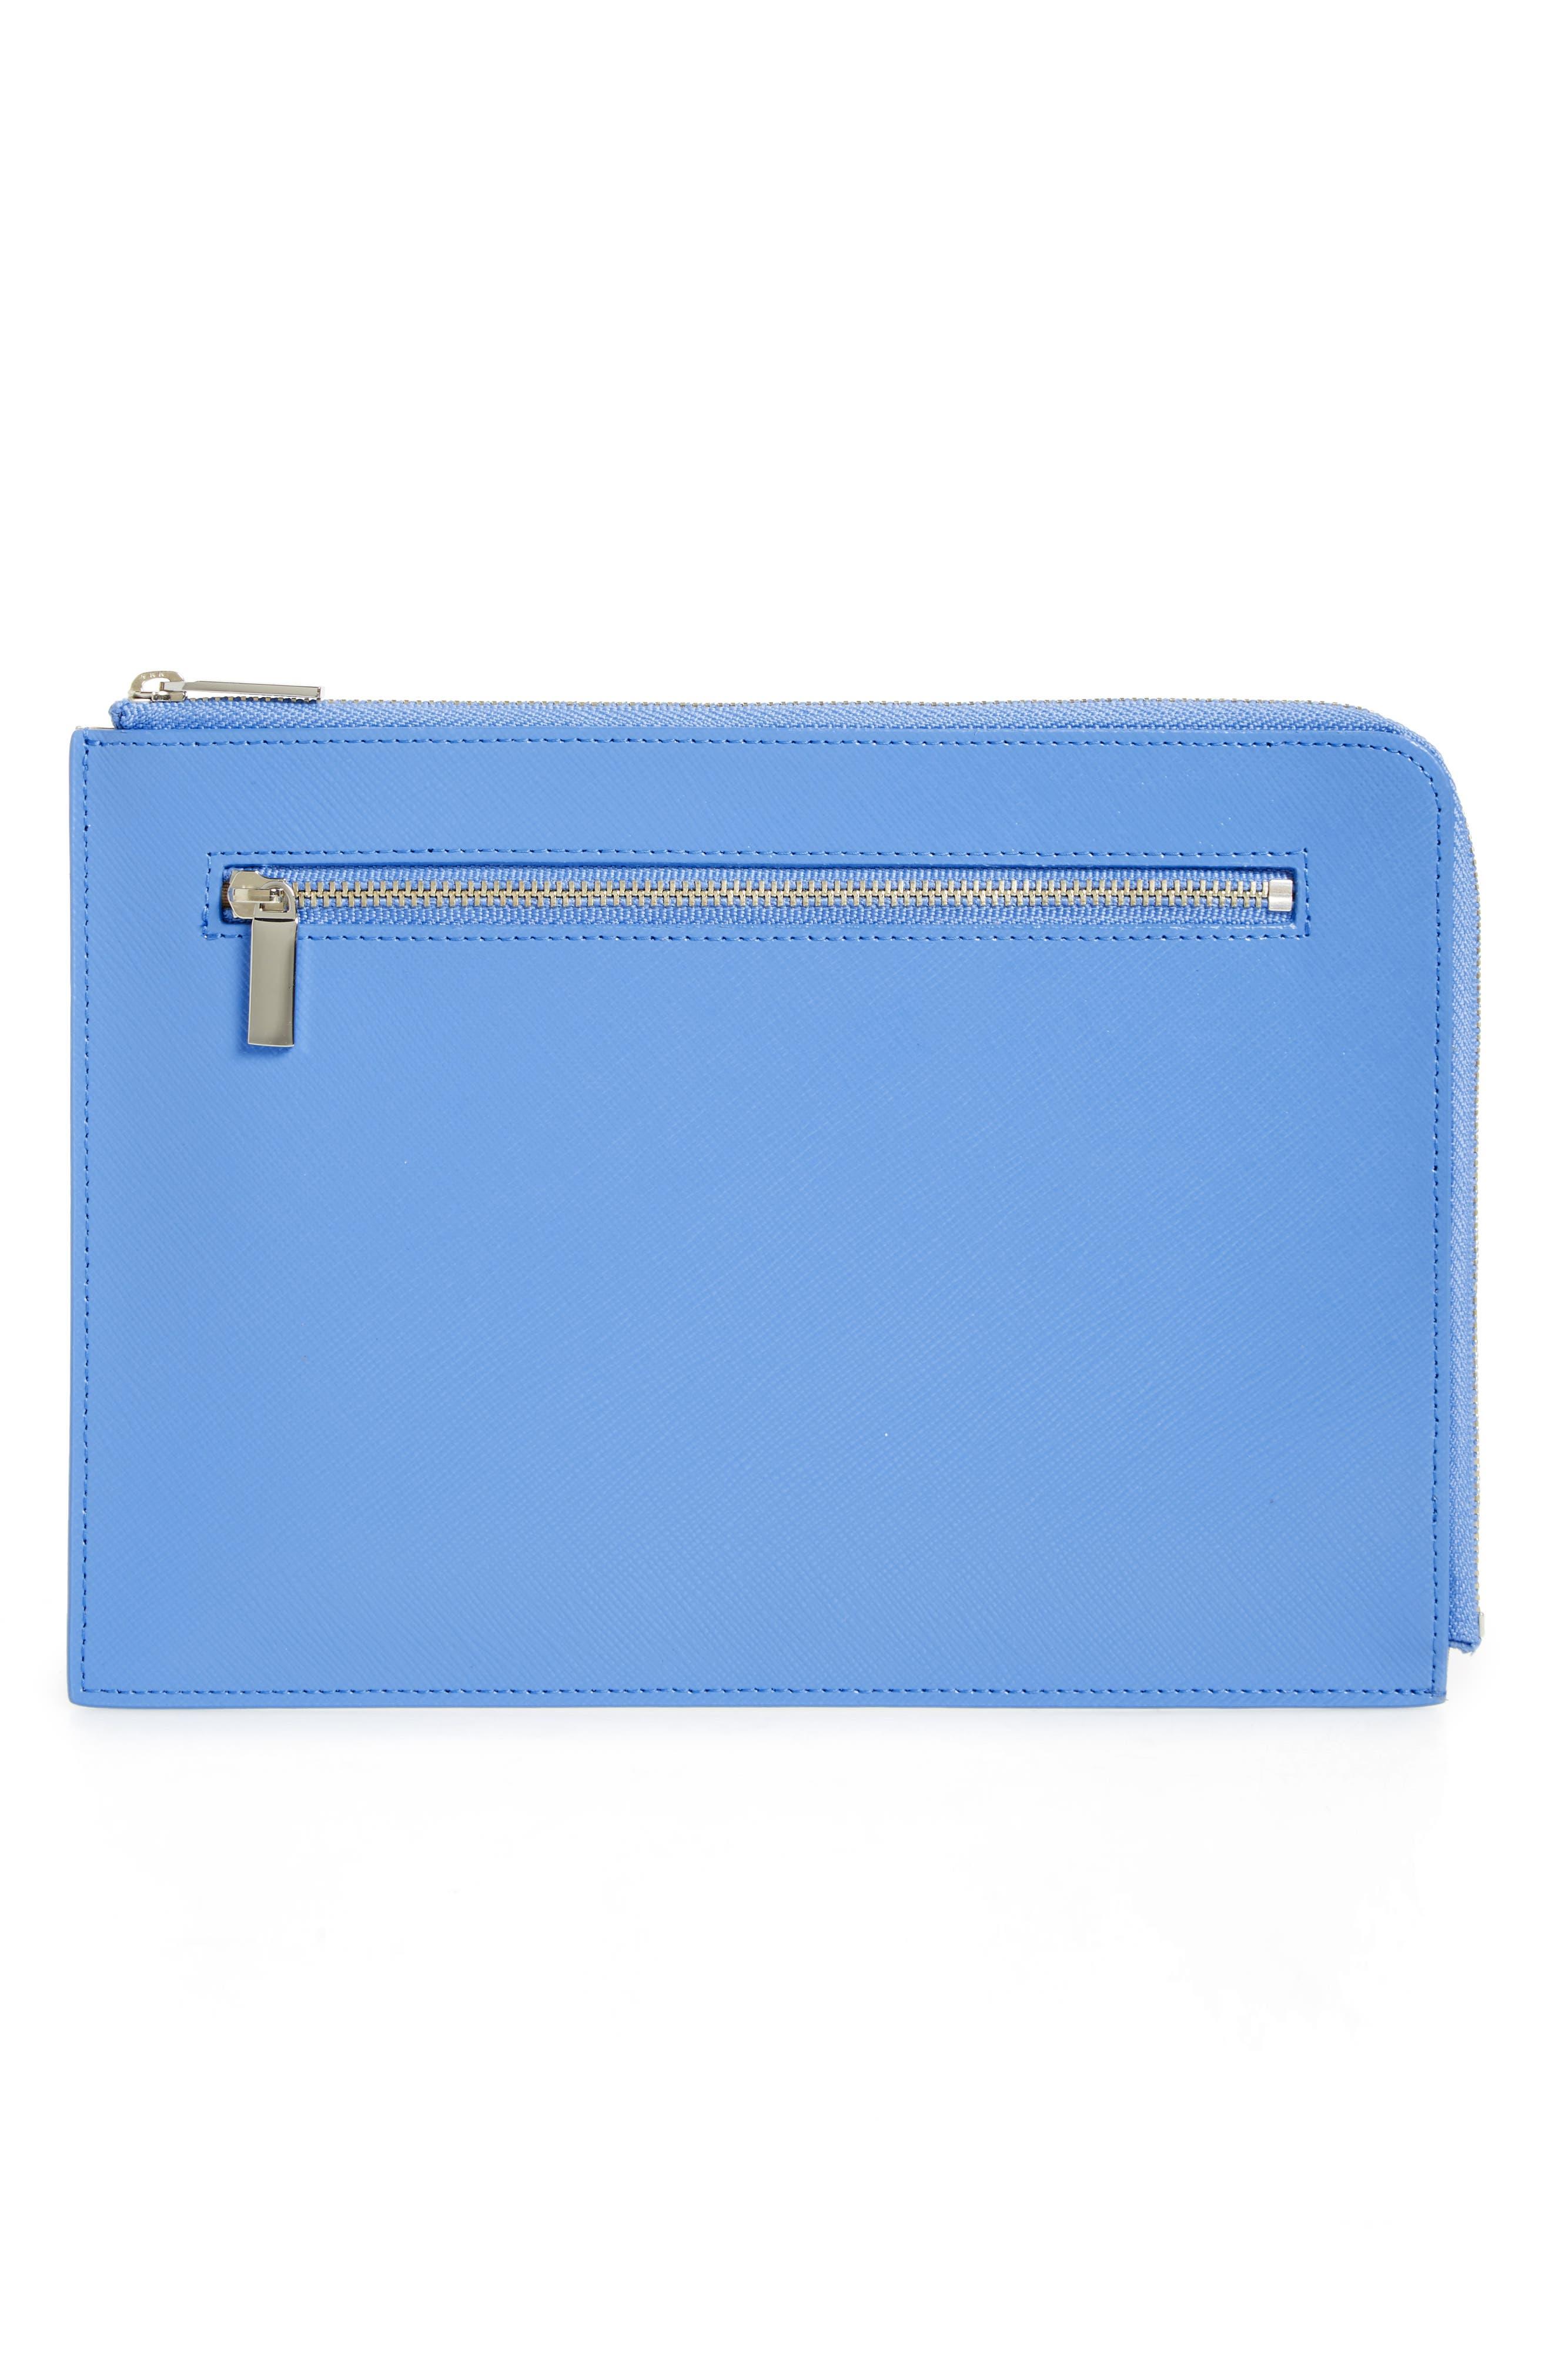 Leather Zip Pouch,                         Main,                         color, Blue Regatta